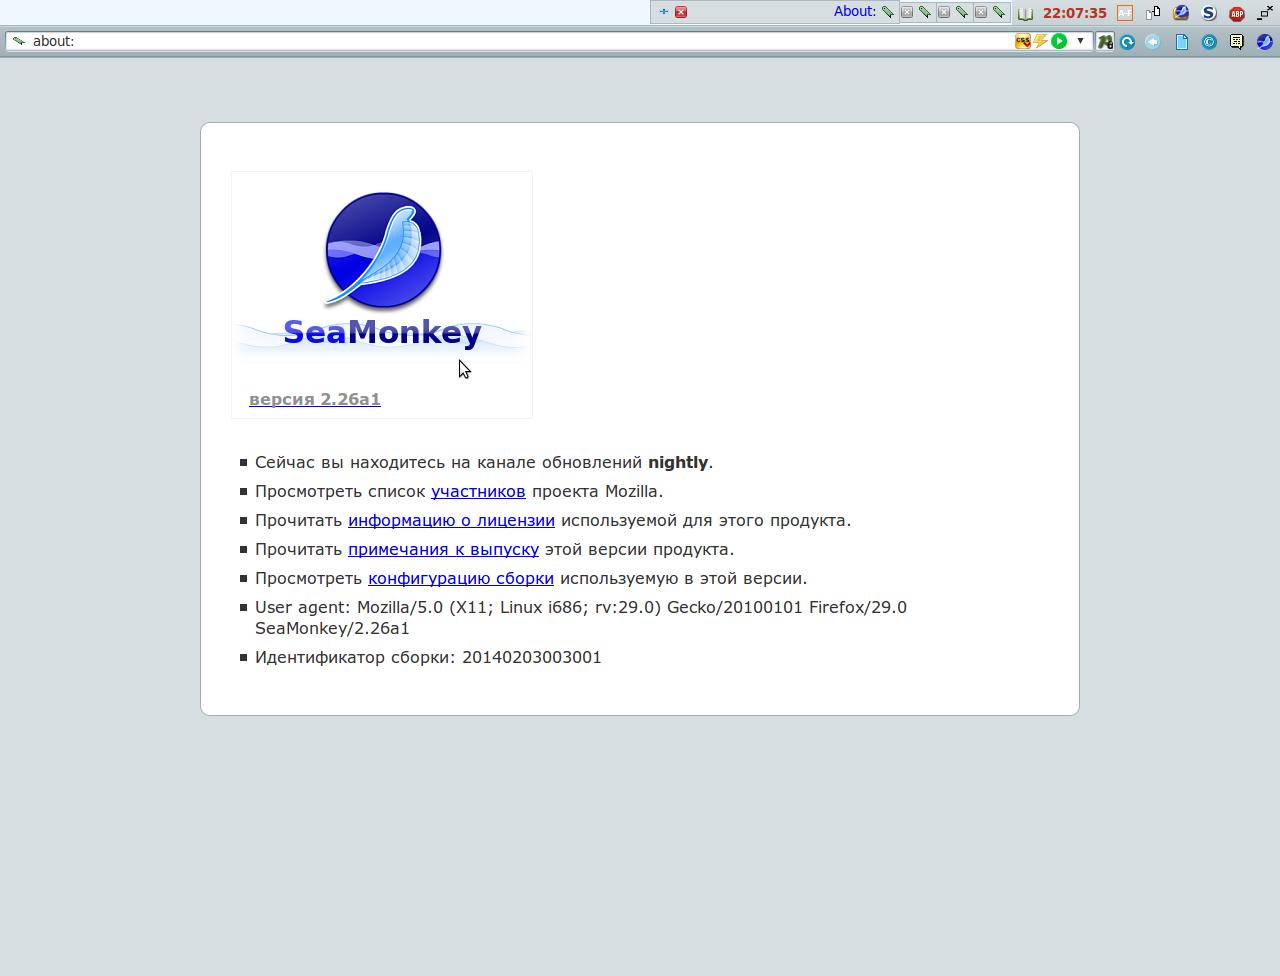 About:SeaMonkey.png